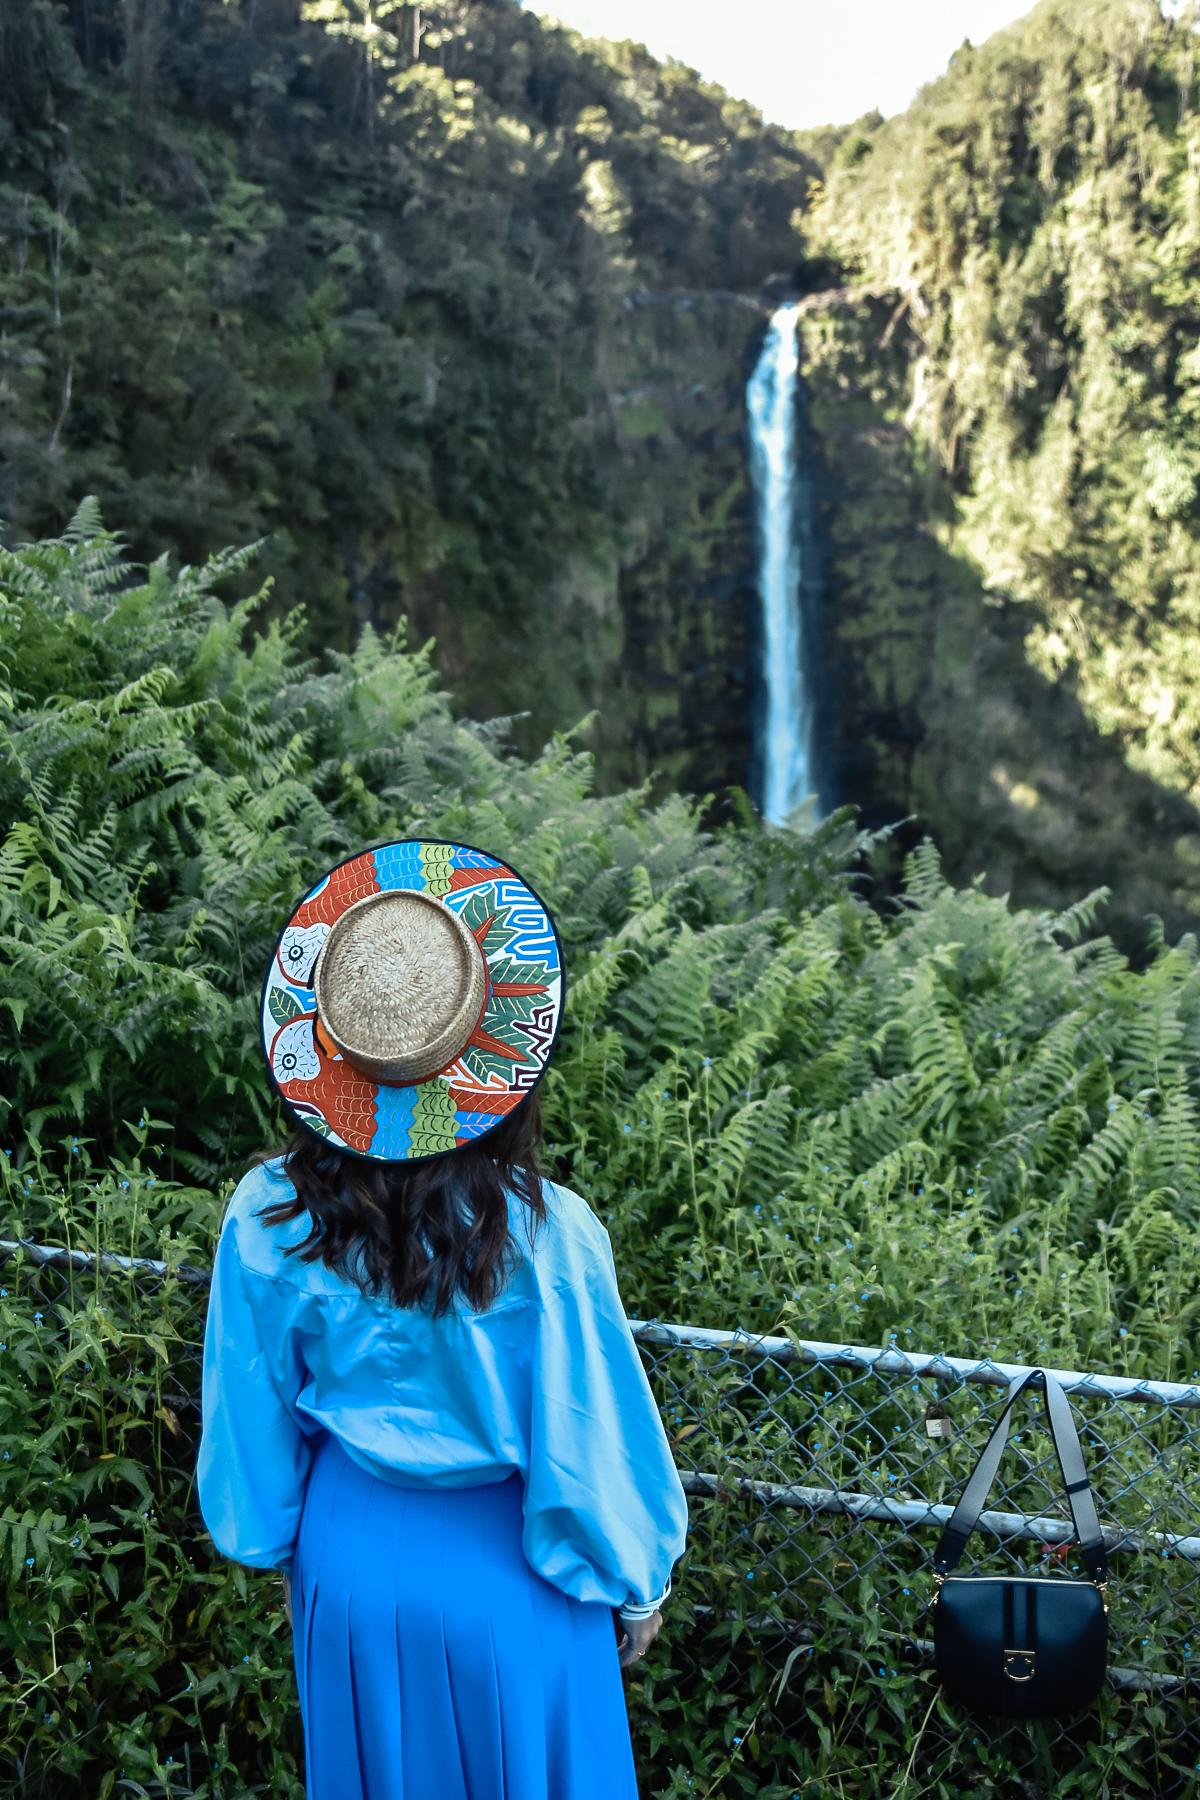 el-blog-de-silvia-blusa-azul-viaje-hawaii-07